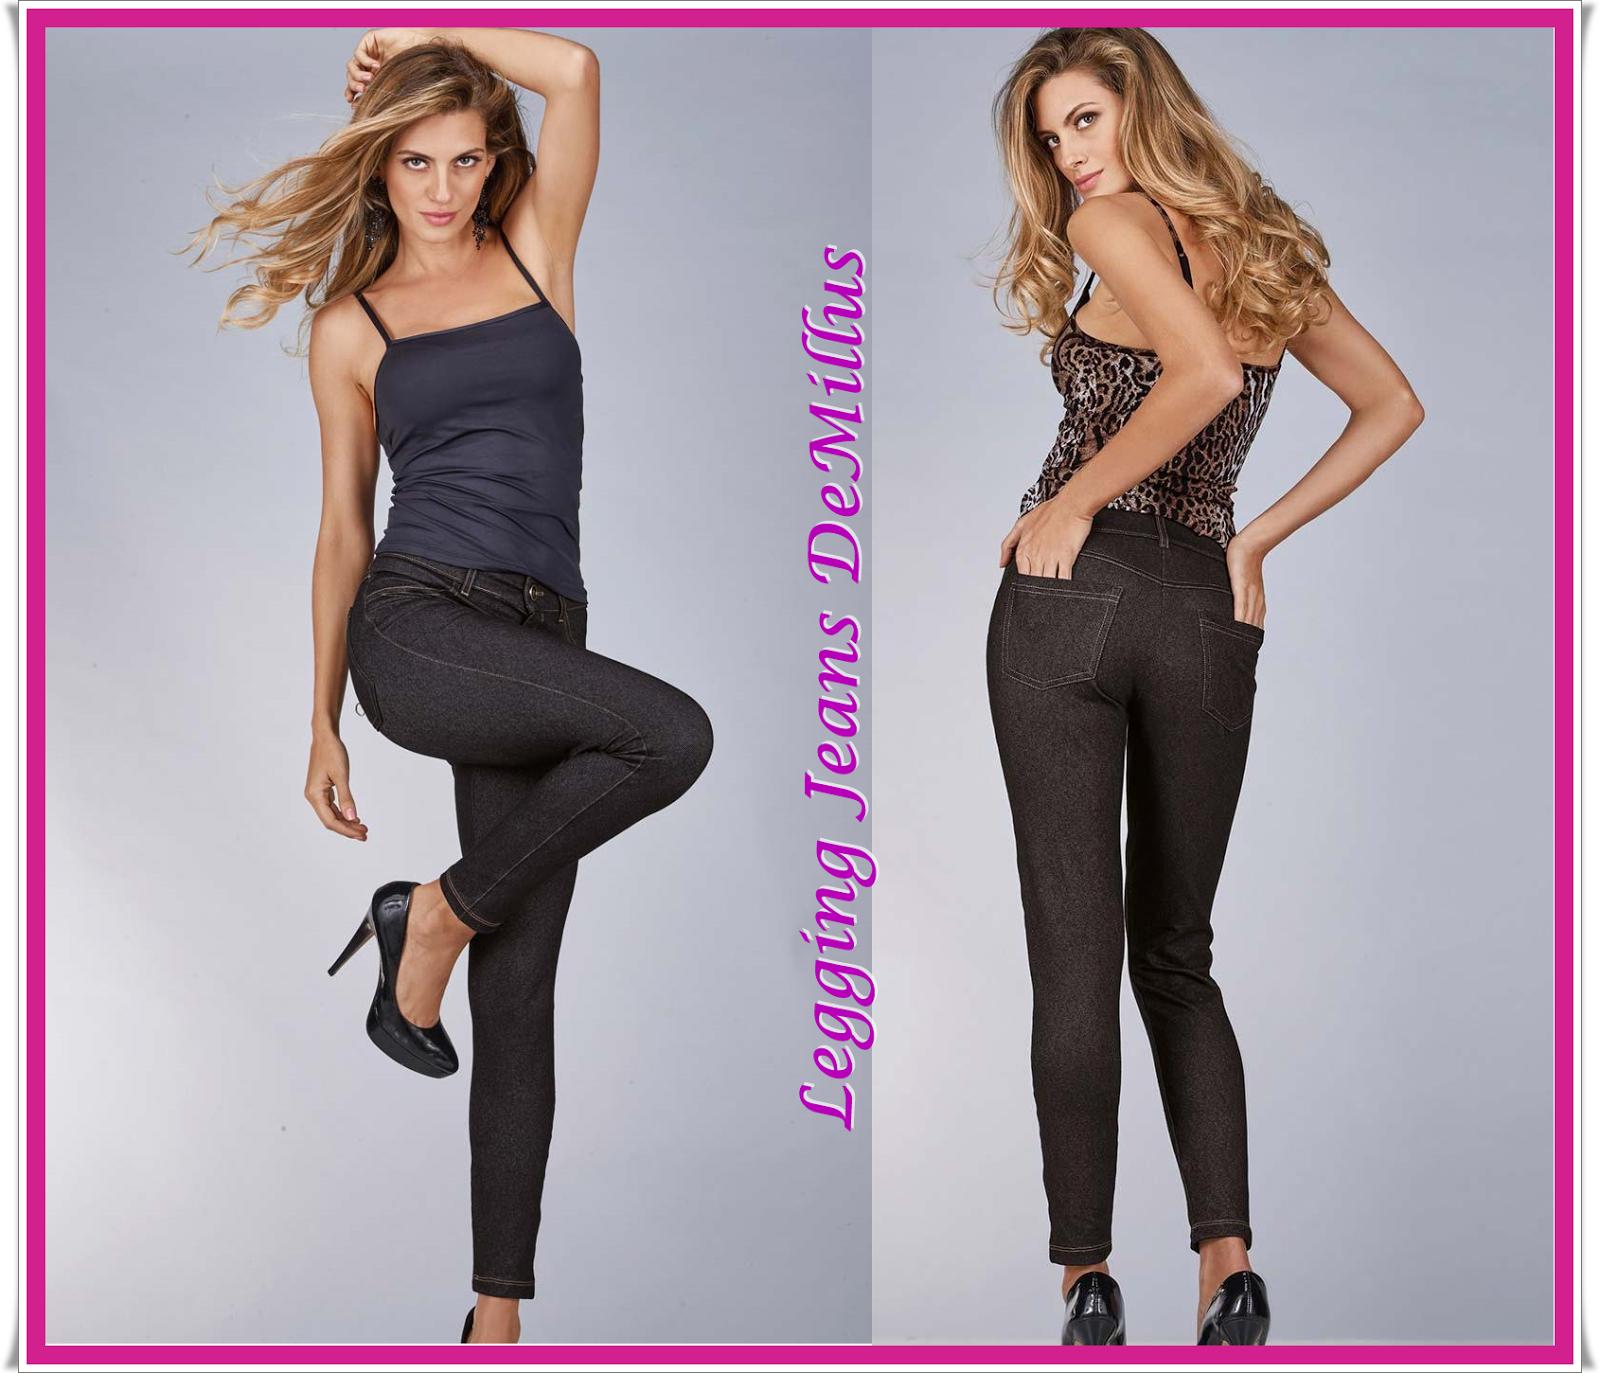 6be772e6c Legging Jeans DeMillus versatilidade e conforto na composição de looks